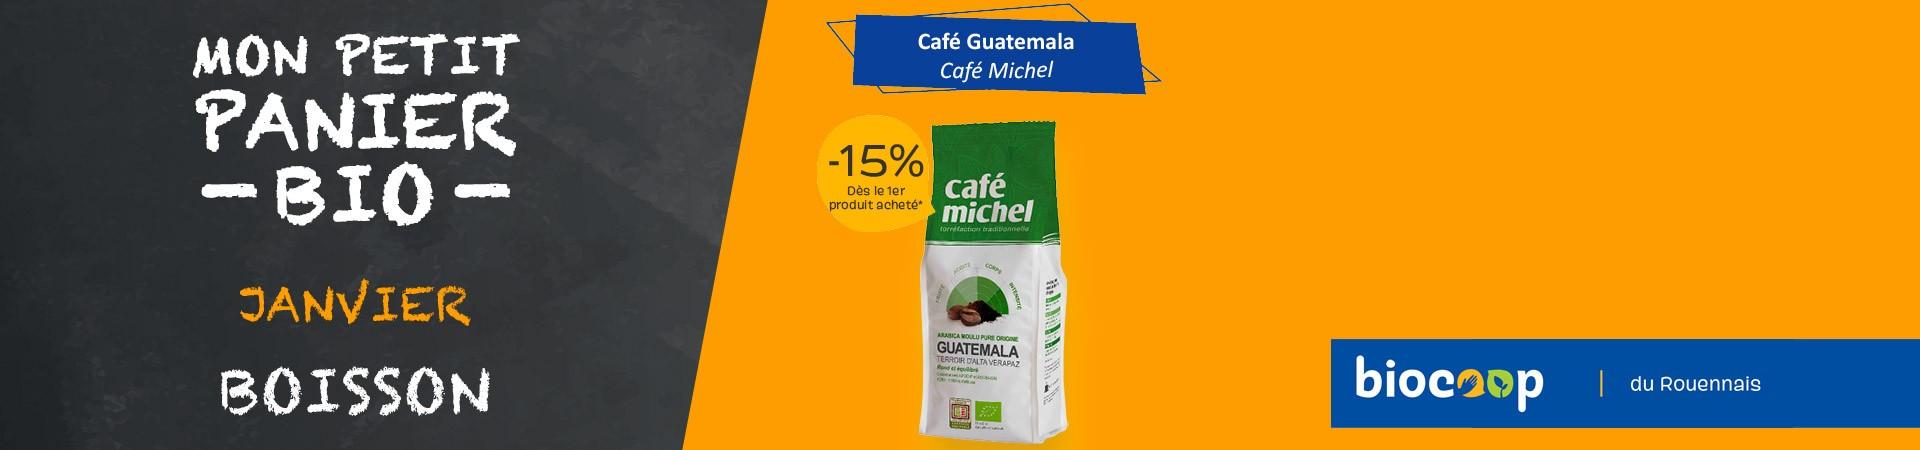 Café Guatemala Café Michel